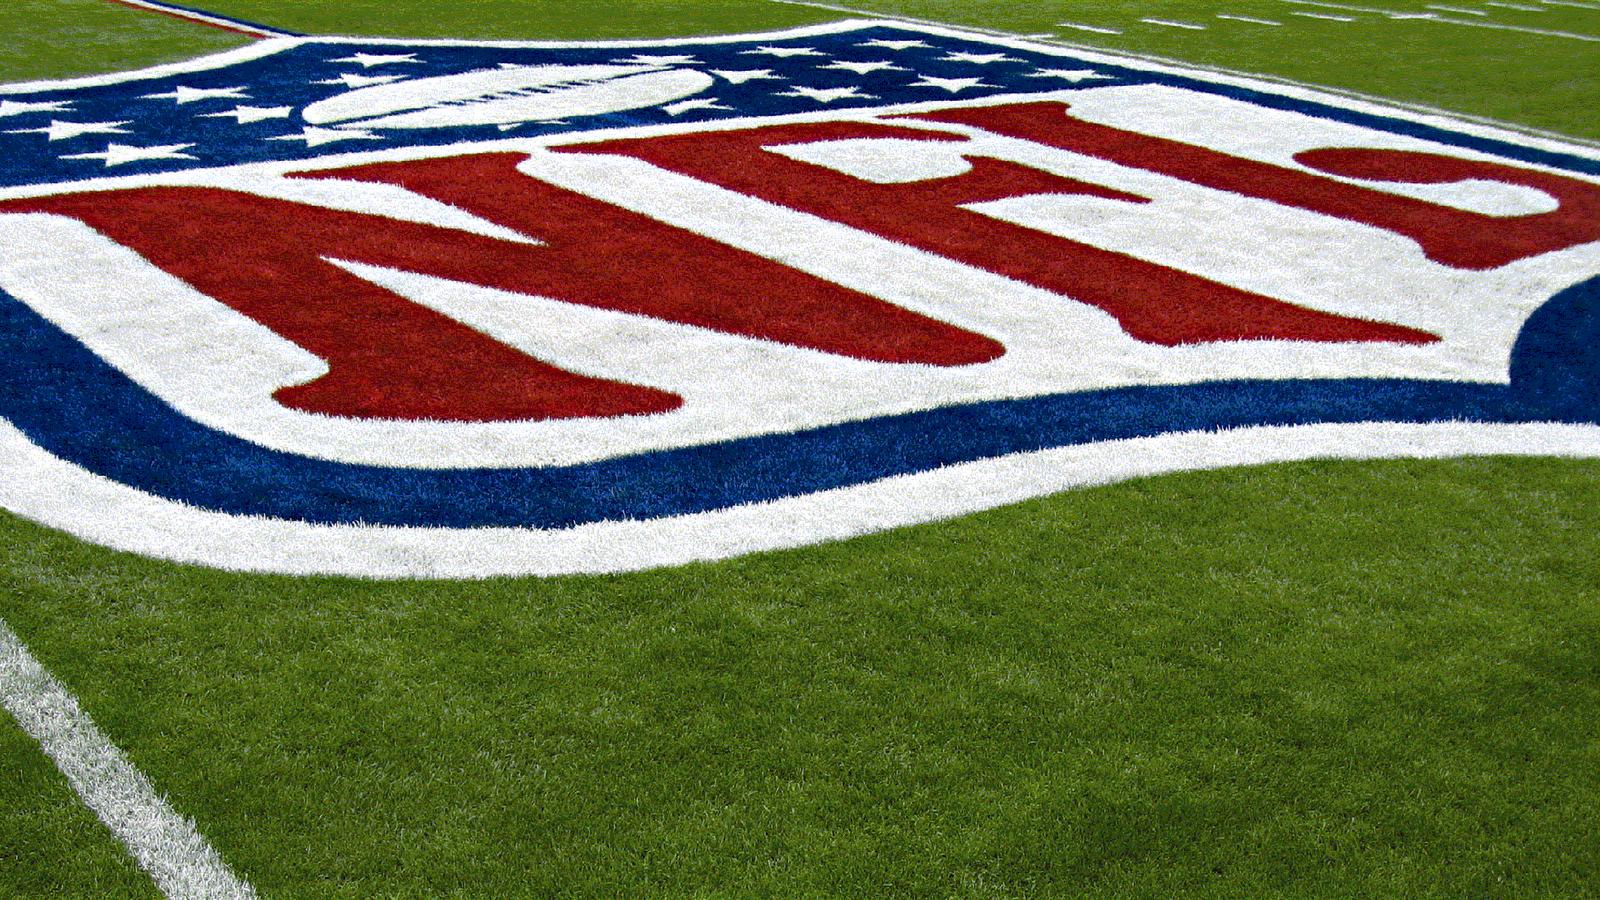 Football Wallpapers NFL - WallpaperSafari